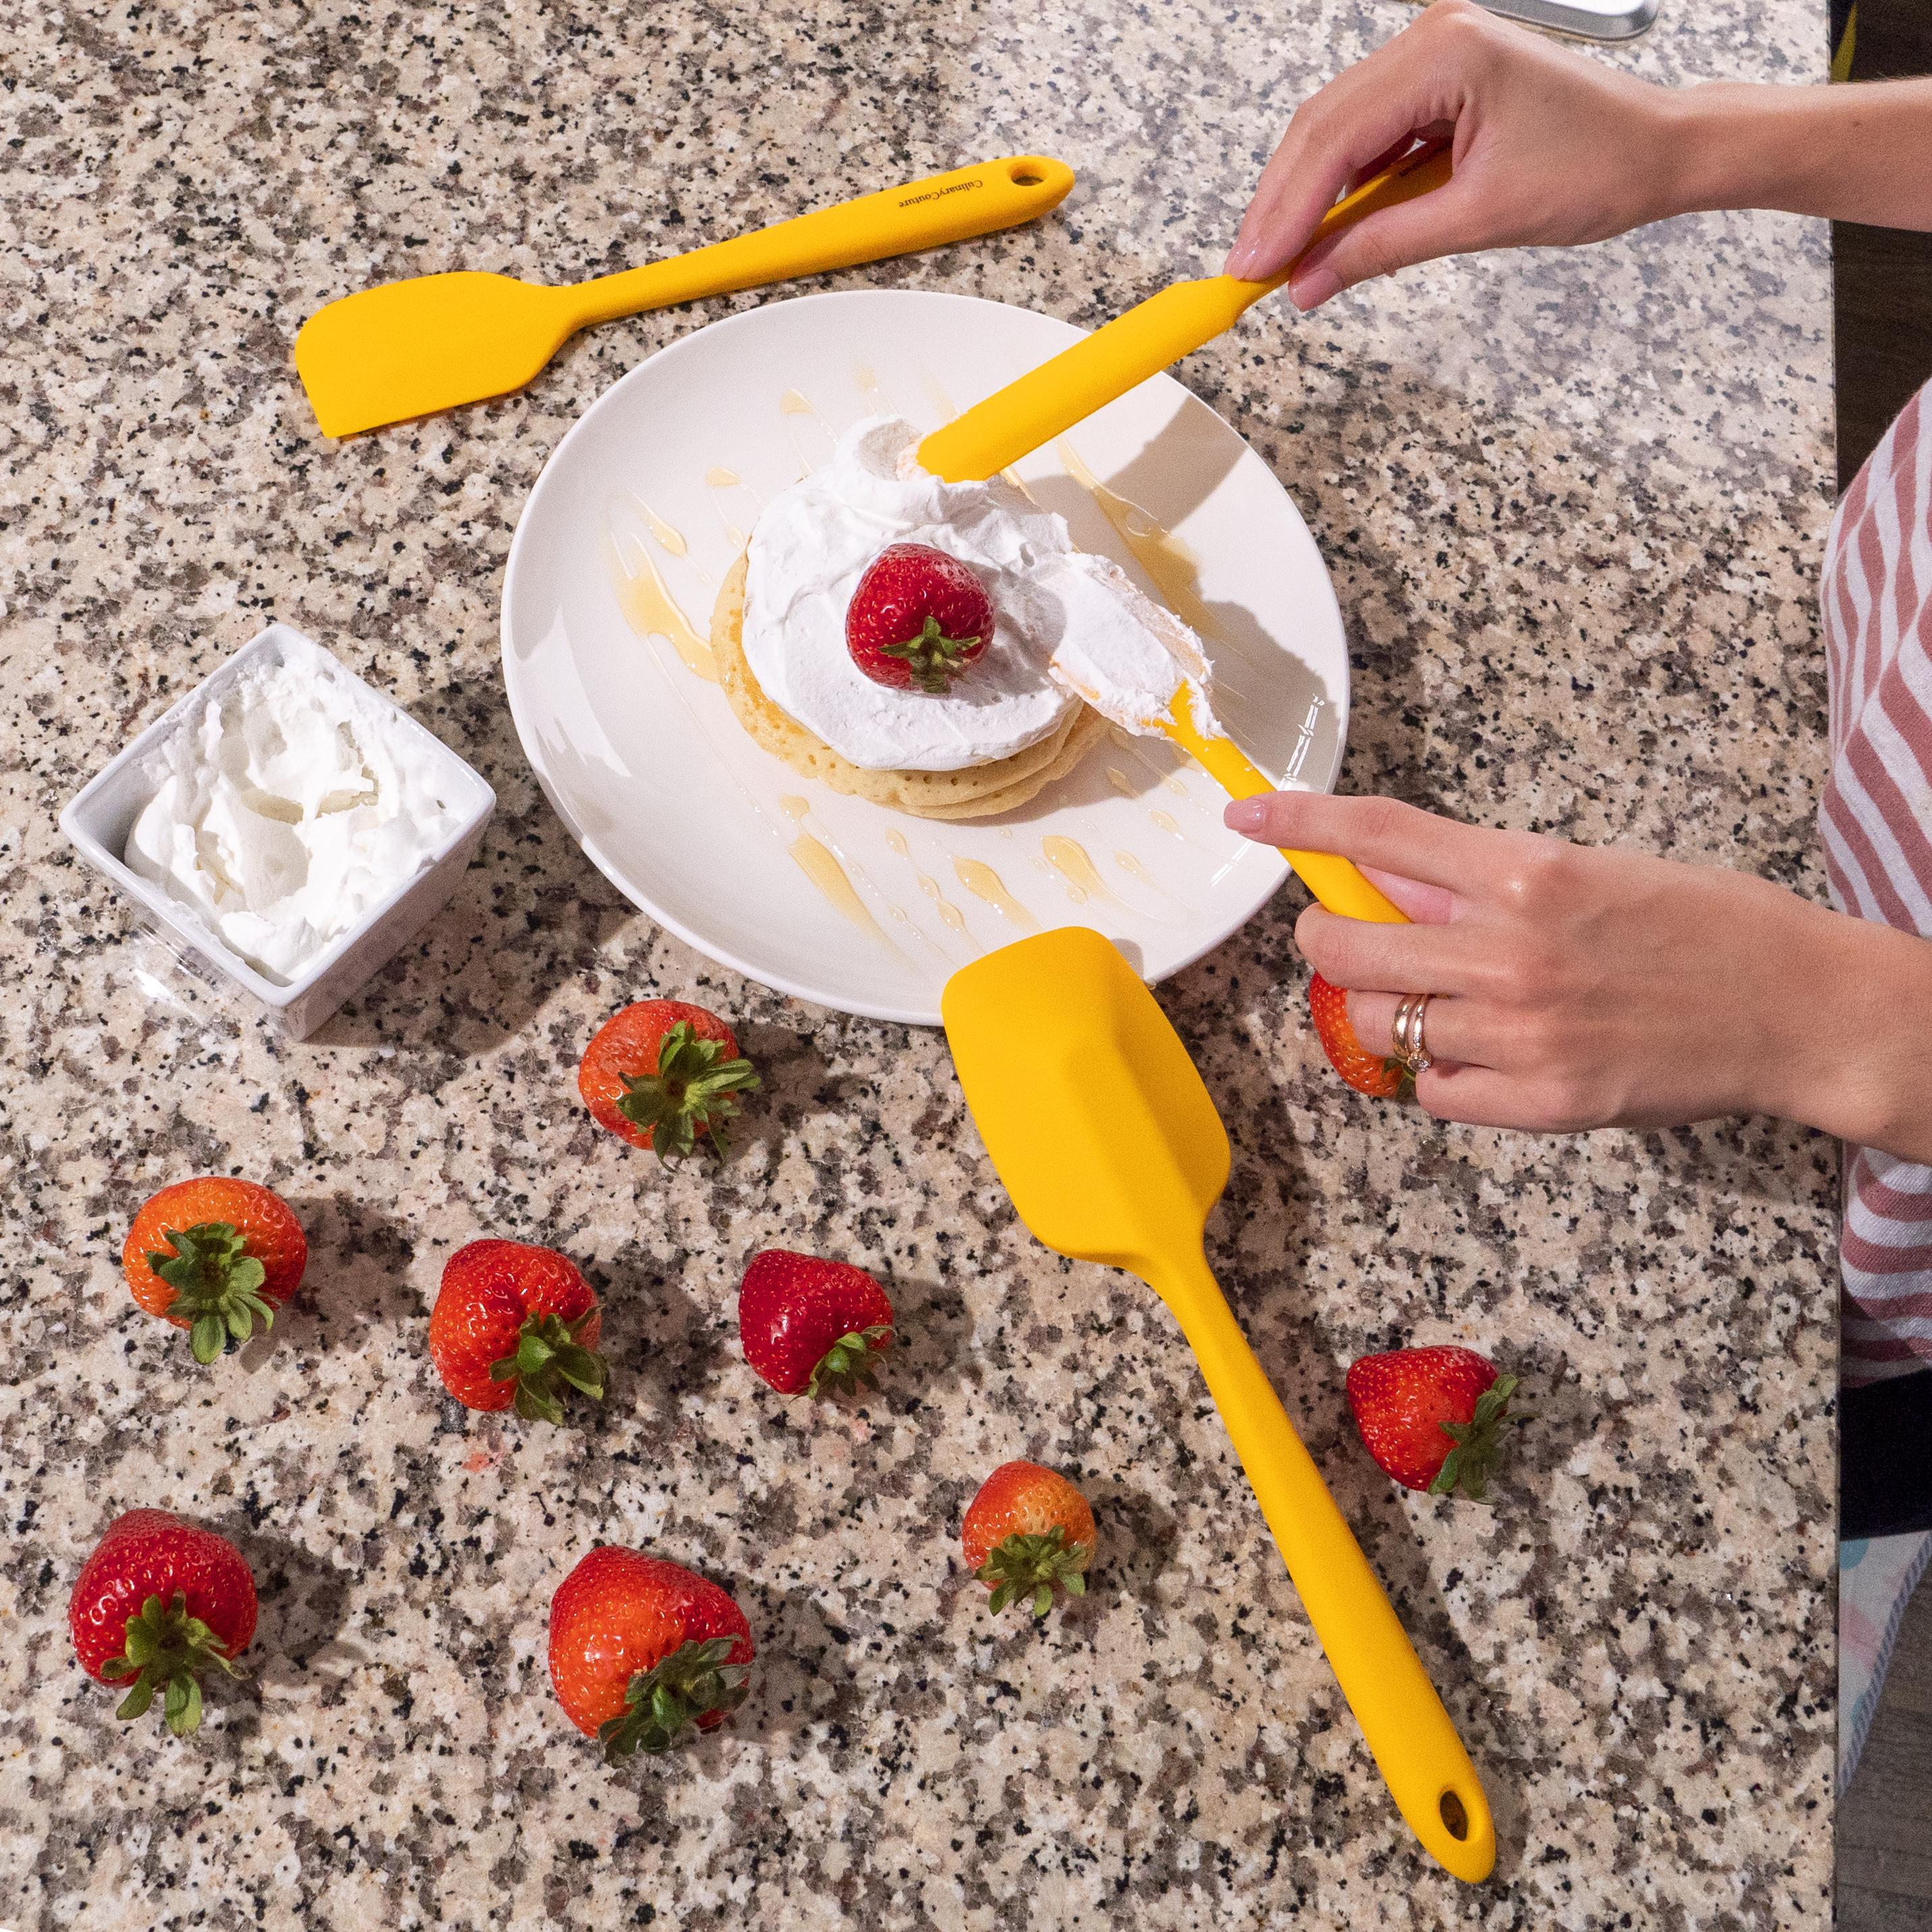 Yellow Spatula Set Pancake Batter